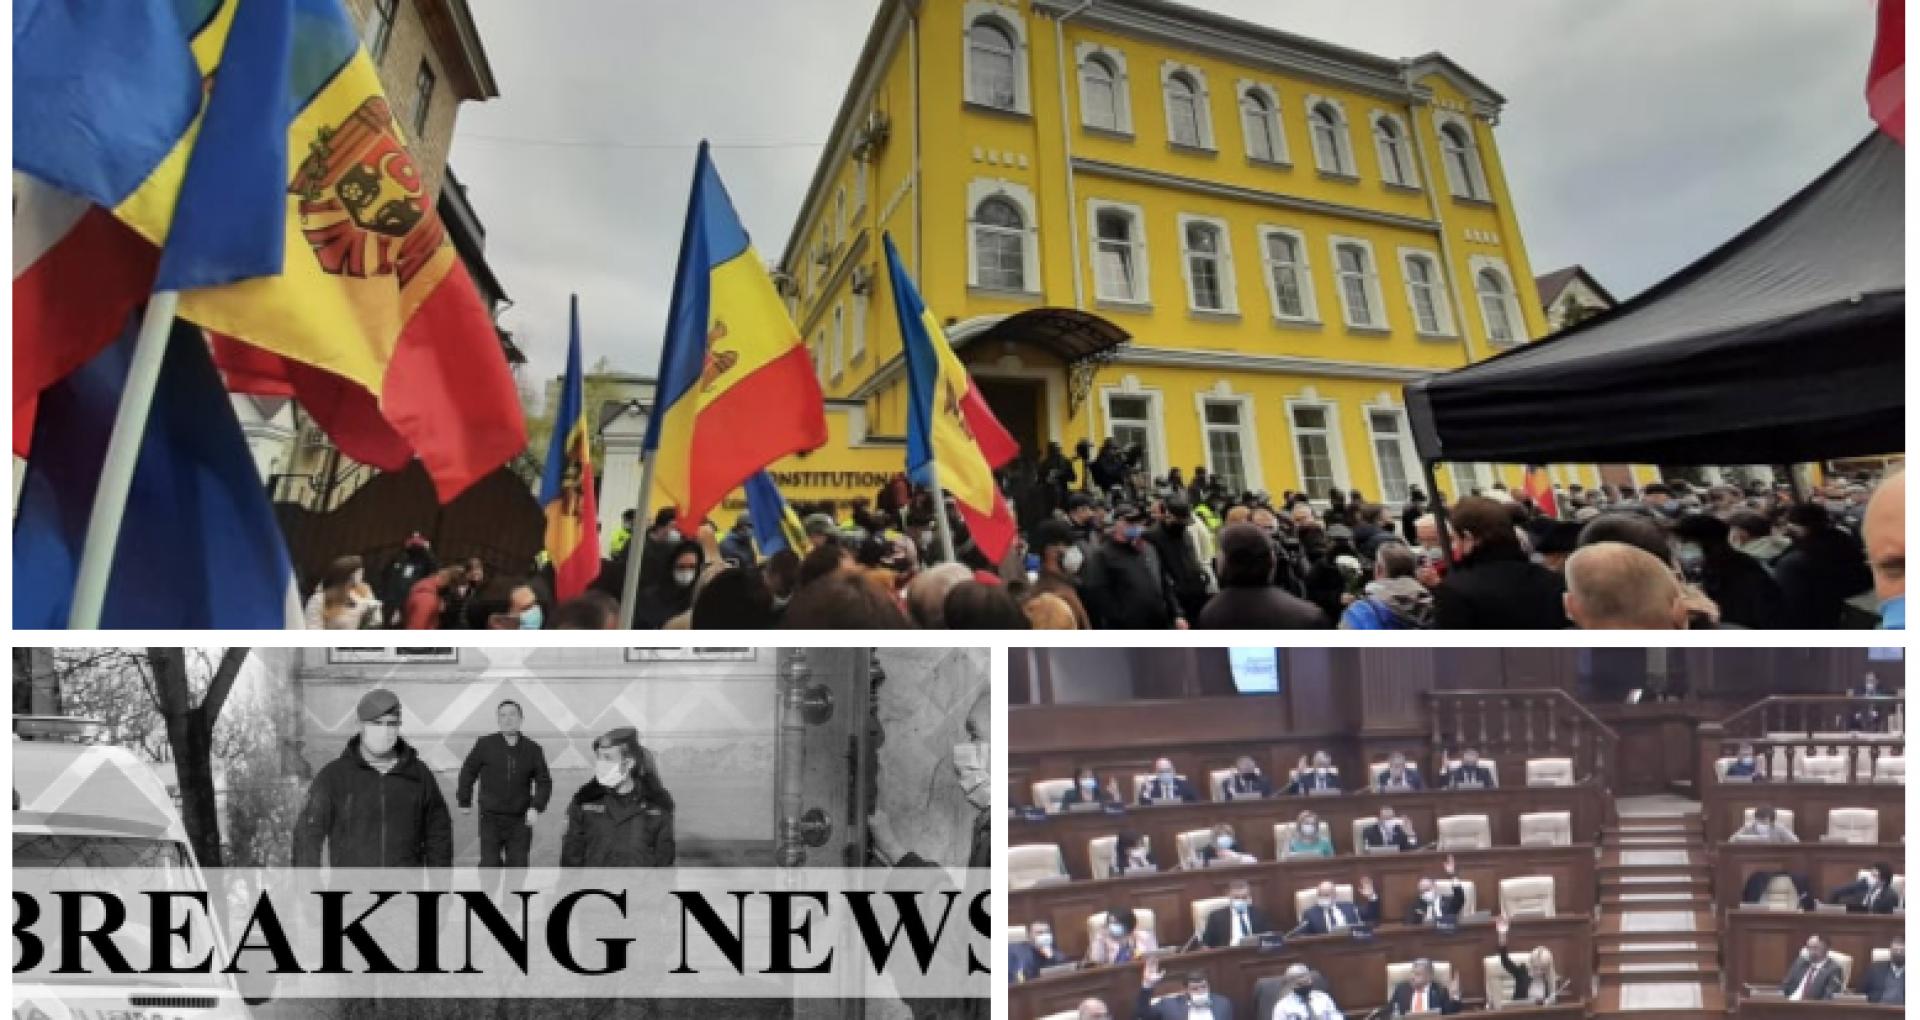 ULTIMA ORĂ! Curtea Constituțională: starea de urgență instituită în R. Moldova este NECONSTITUȚIONALĂ. În aceste condiții Parlamentul poate fi dizolvat